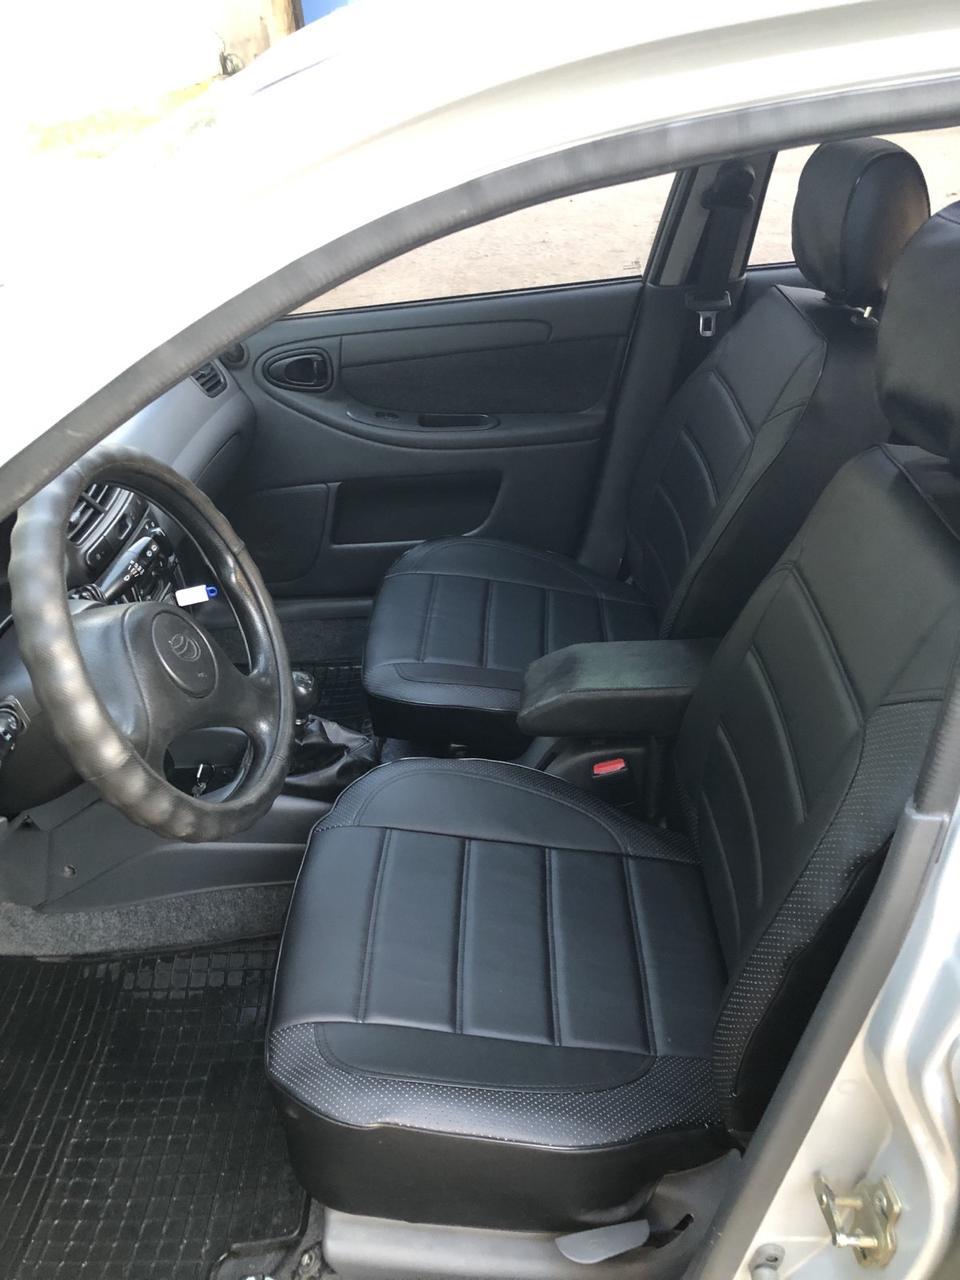 Чехлы на сиденья Мерседес W210 (Mercedes W210) модельные MAX-L из экокожи Черный